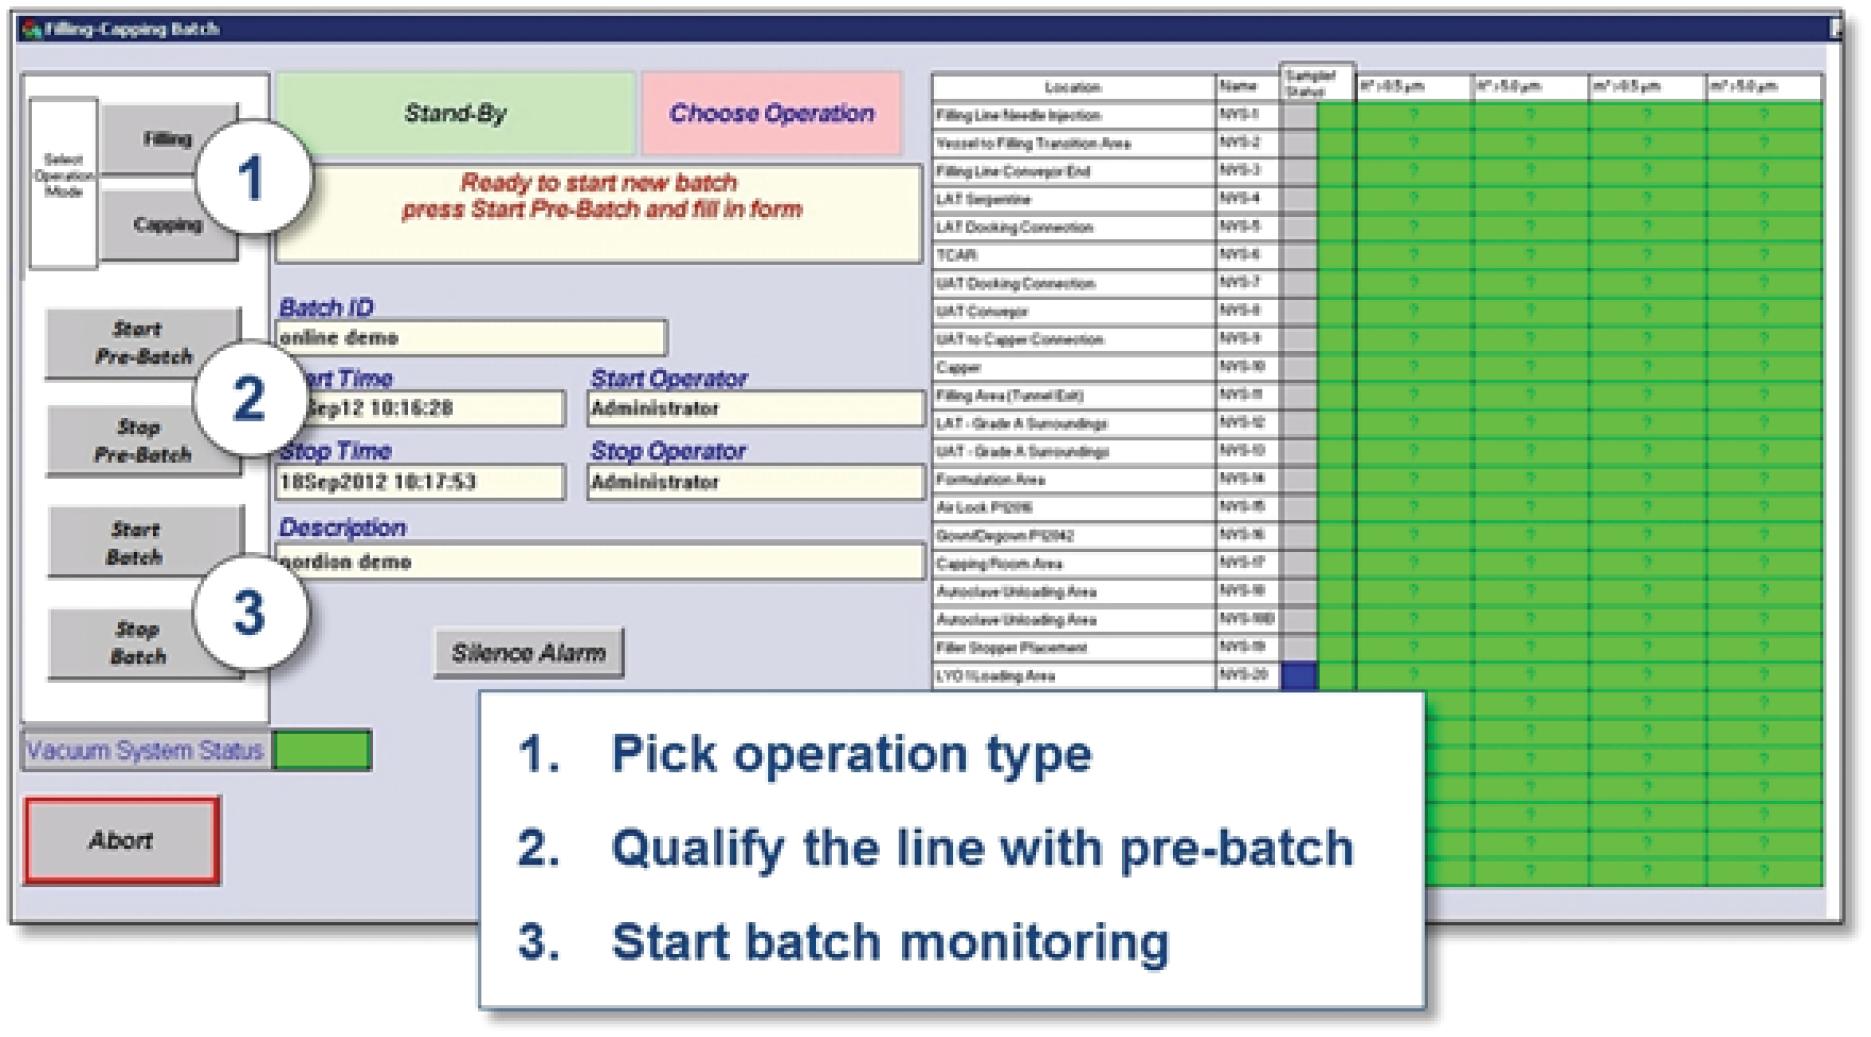 Captura de pantalla que muestra el proceso de monitorización de lotes. (Para cada paso del prceso se utilizan los sensores y límites de alarma correctos. Los resultados se notifican por lote).